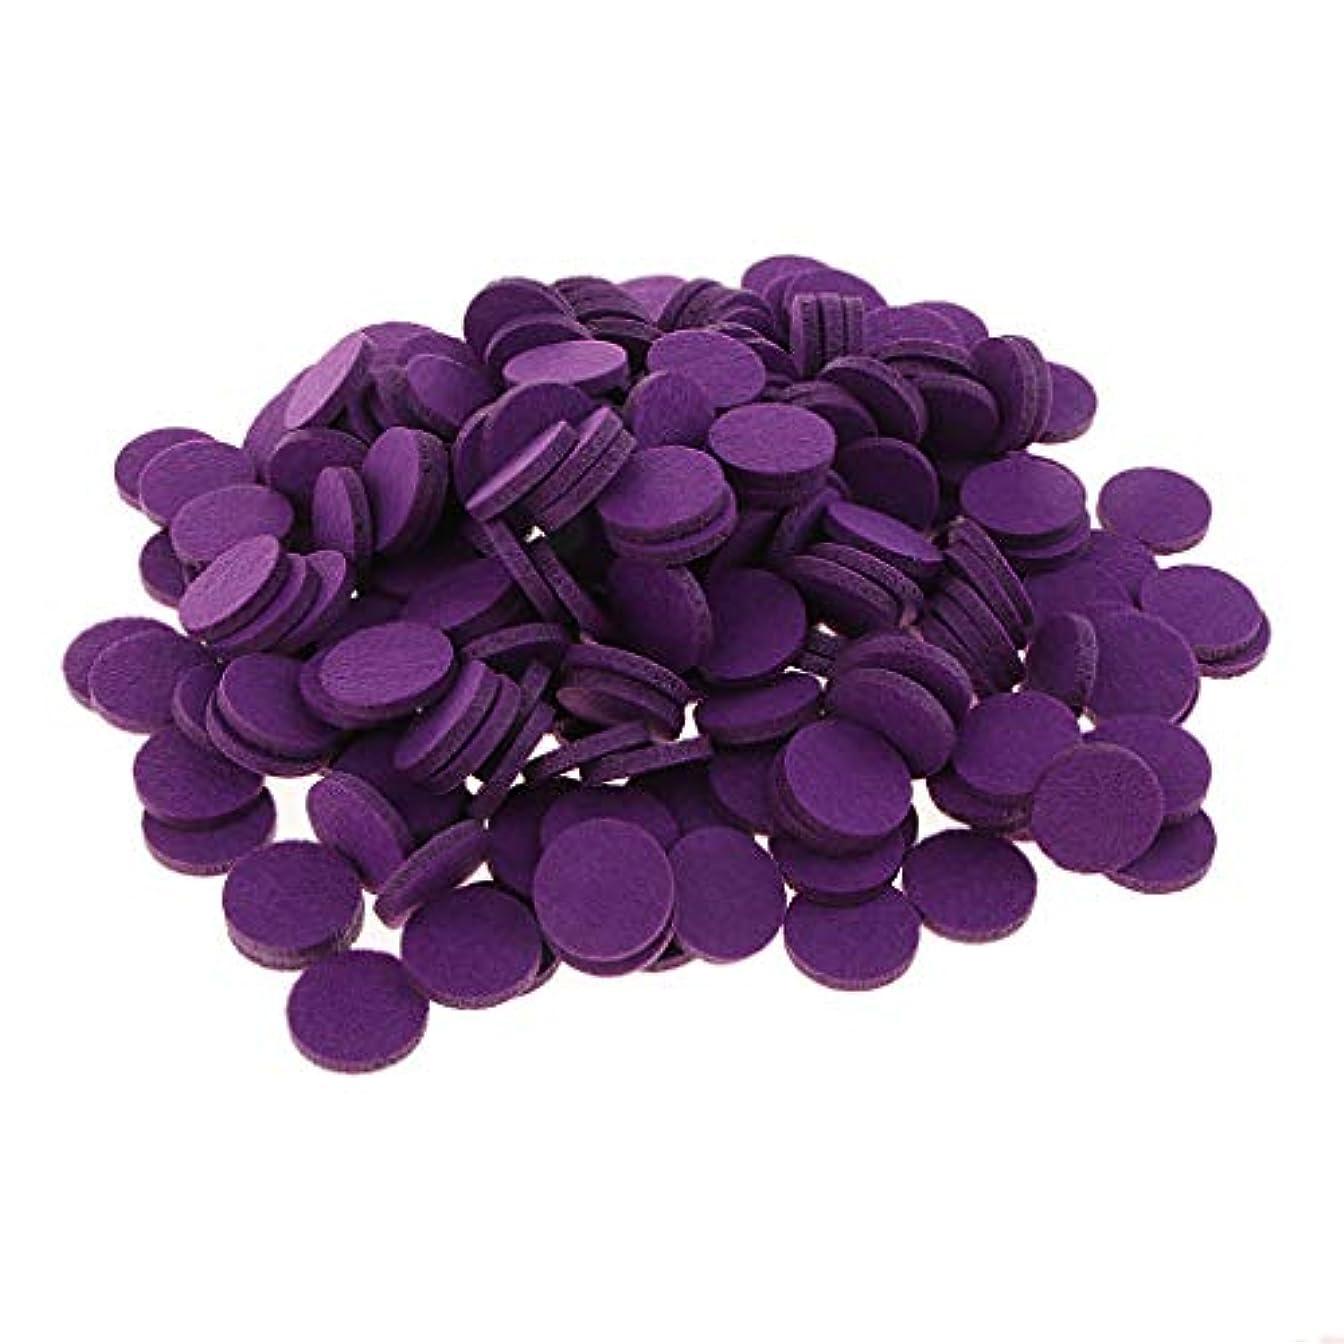 苦行ベール光景約200個入り 詰め替えパッド 精油付き アロマディフューザー 交換用 オイルパッド 全11色 - 紫の